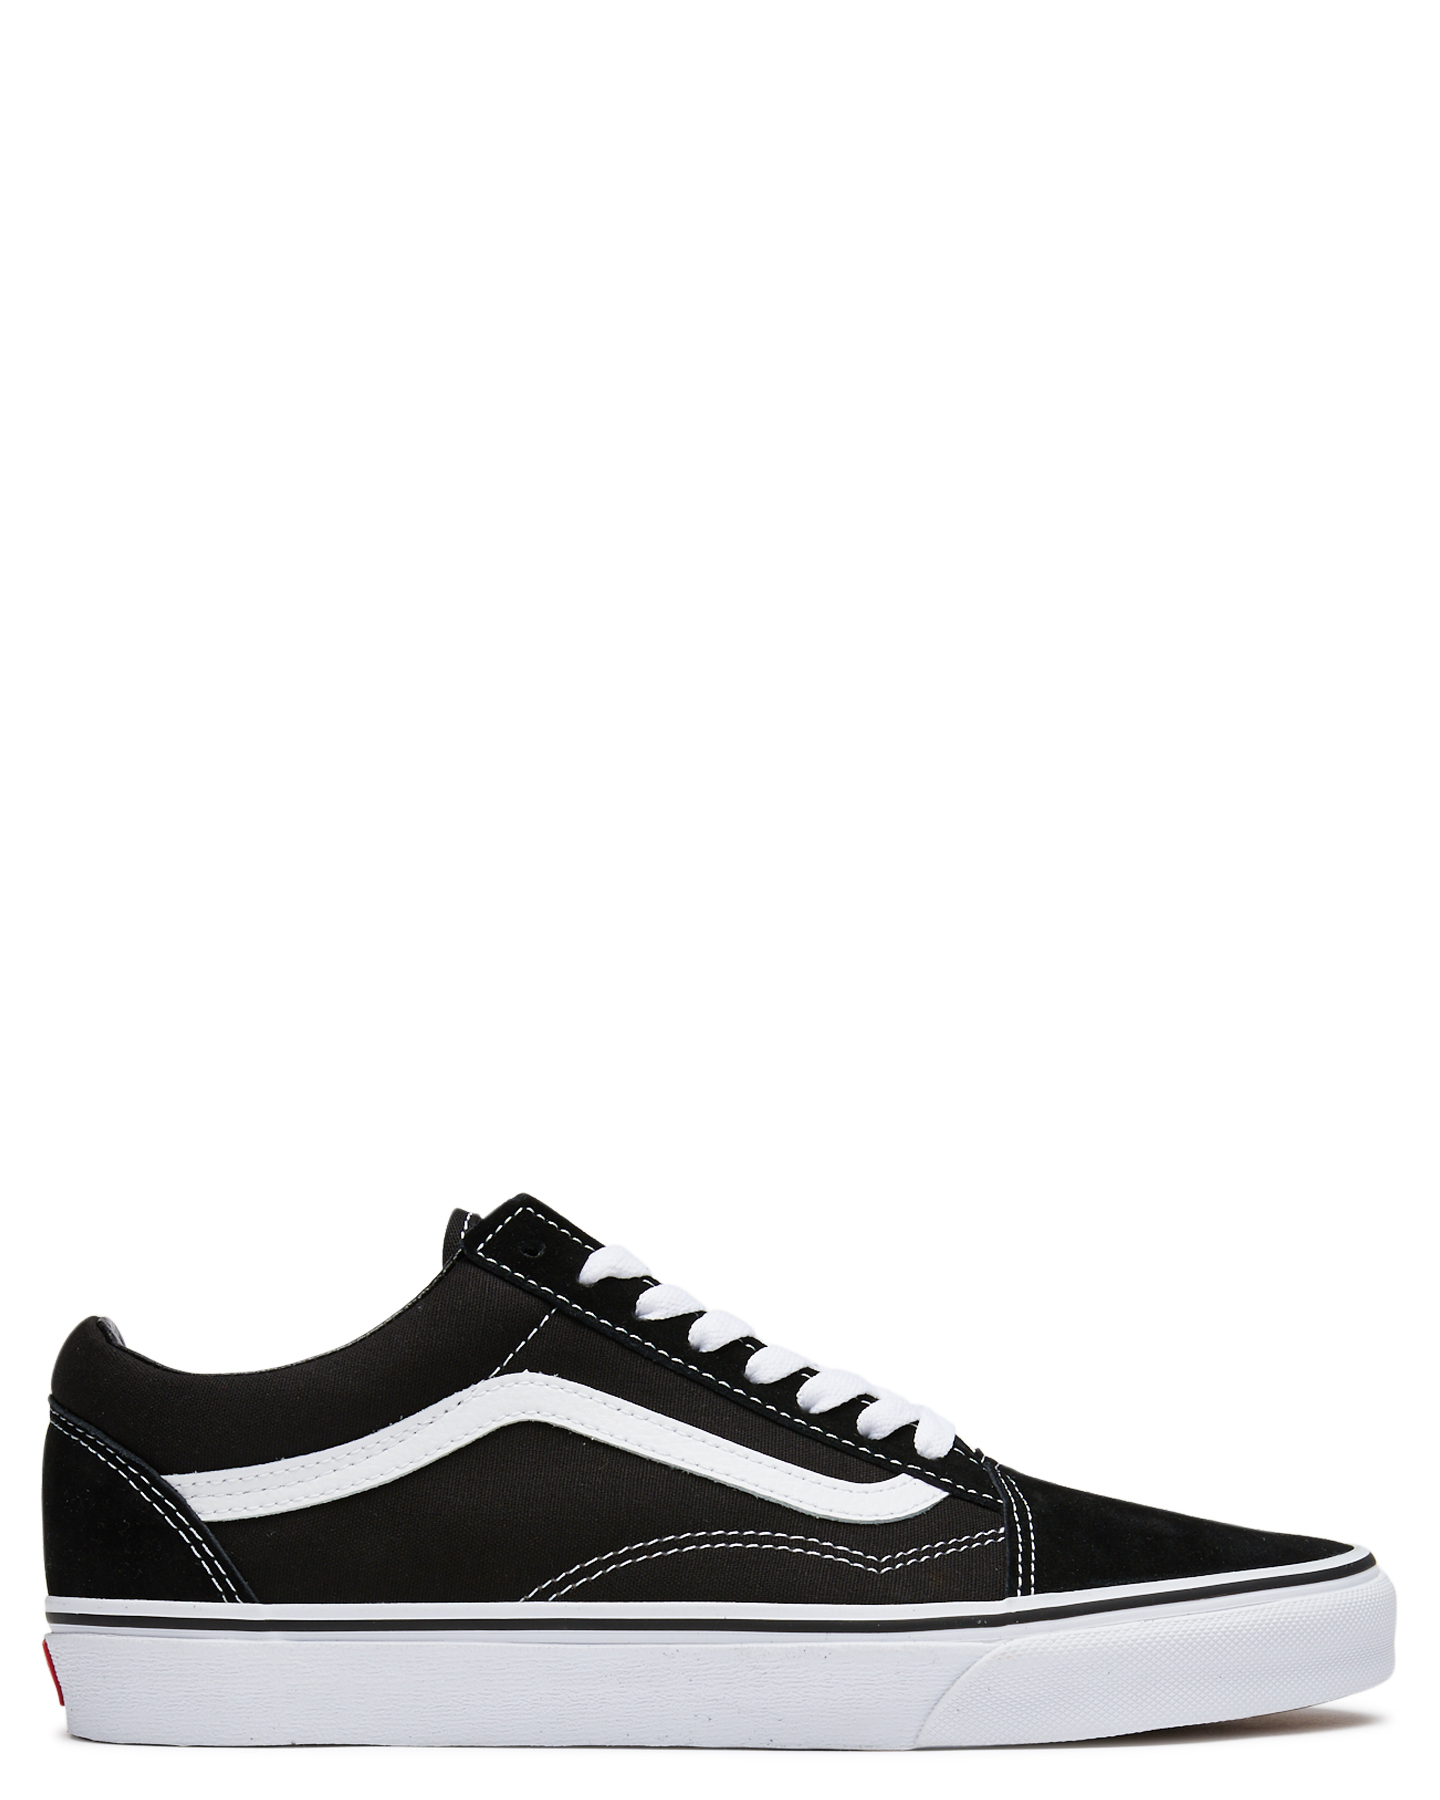 Vans Mens Old Skool Shoe Black